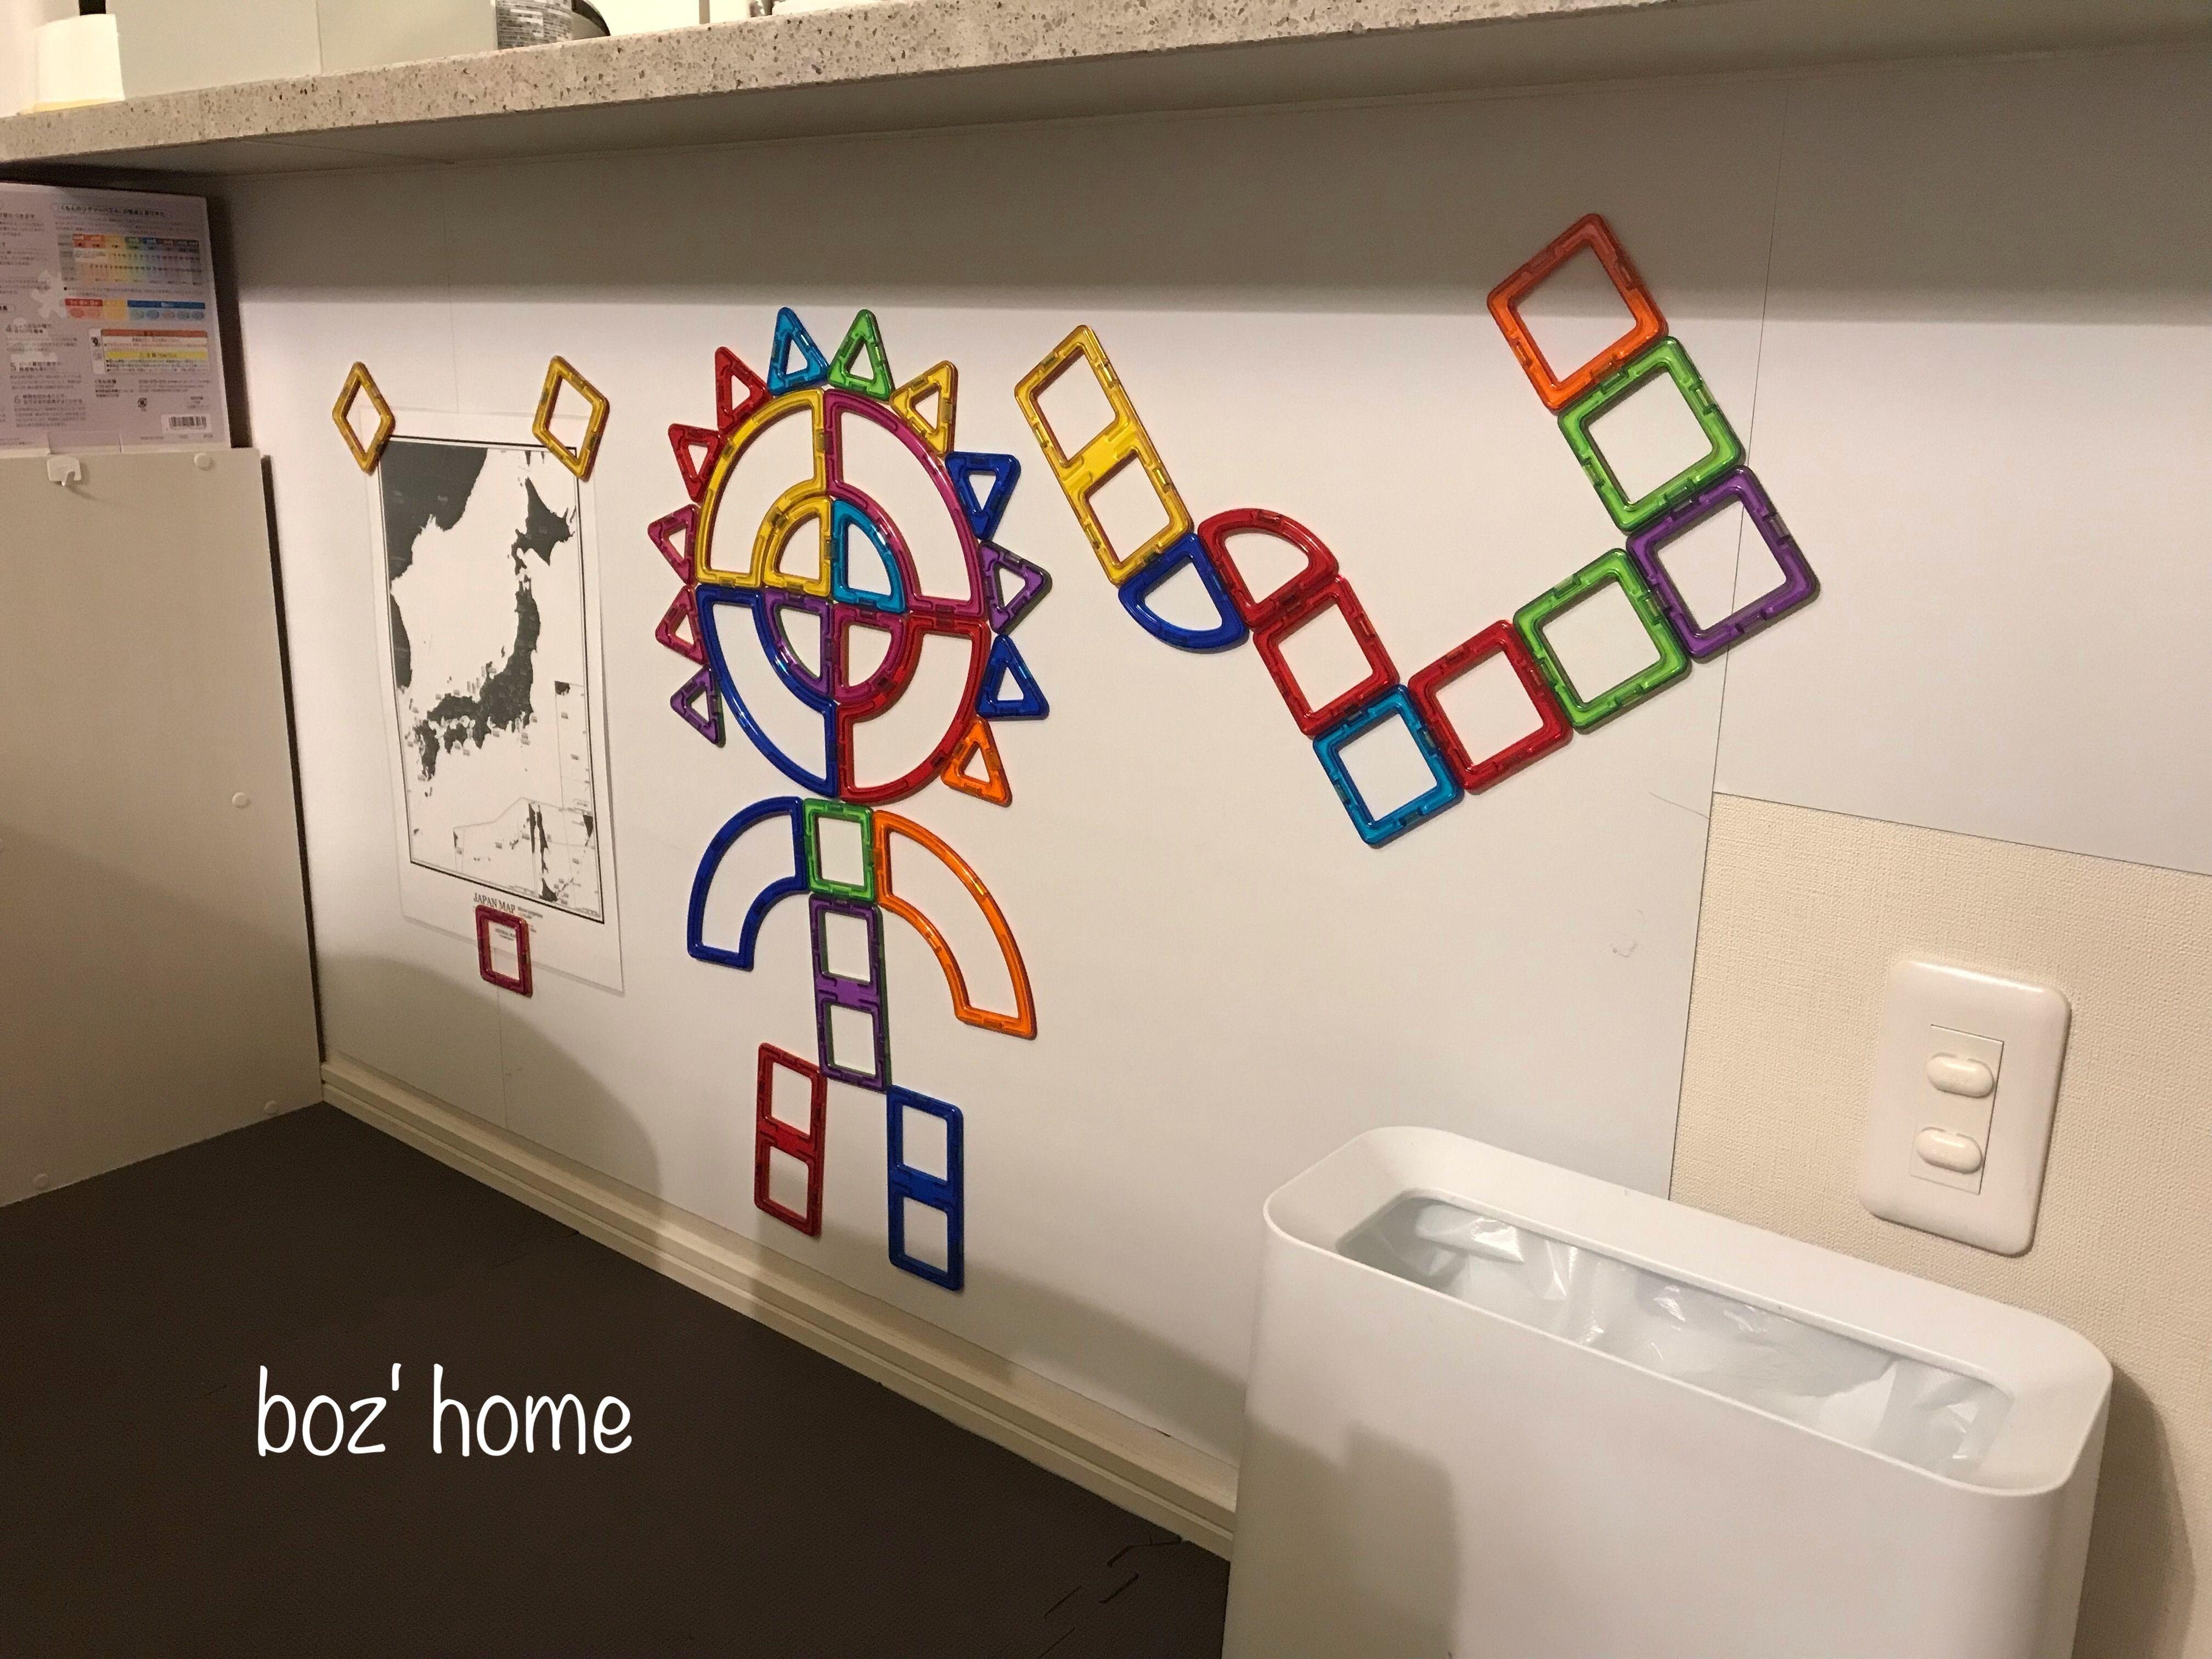 壁紙にマグネットが貼れるって Boz Home 楽天ブログ